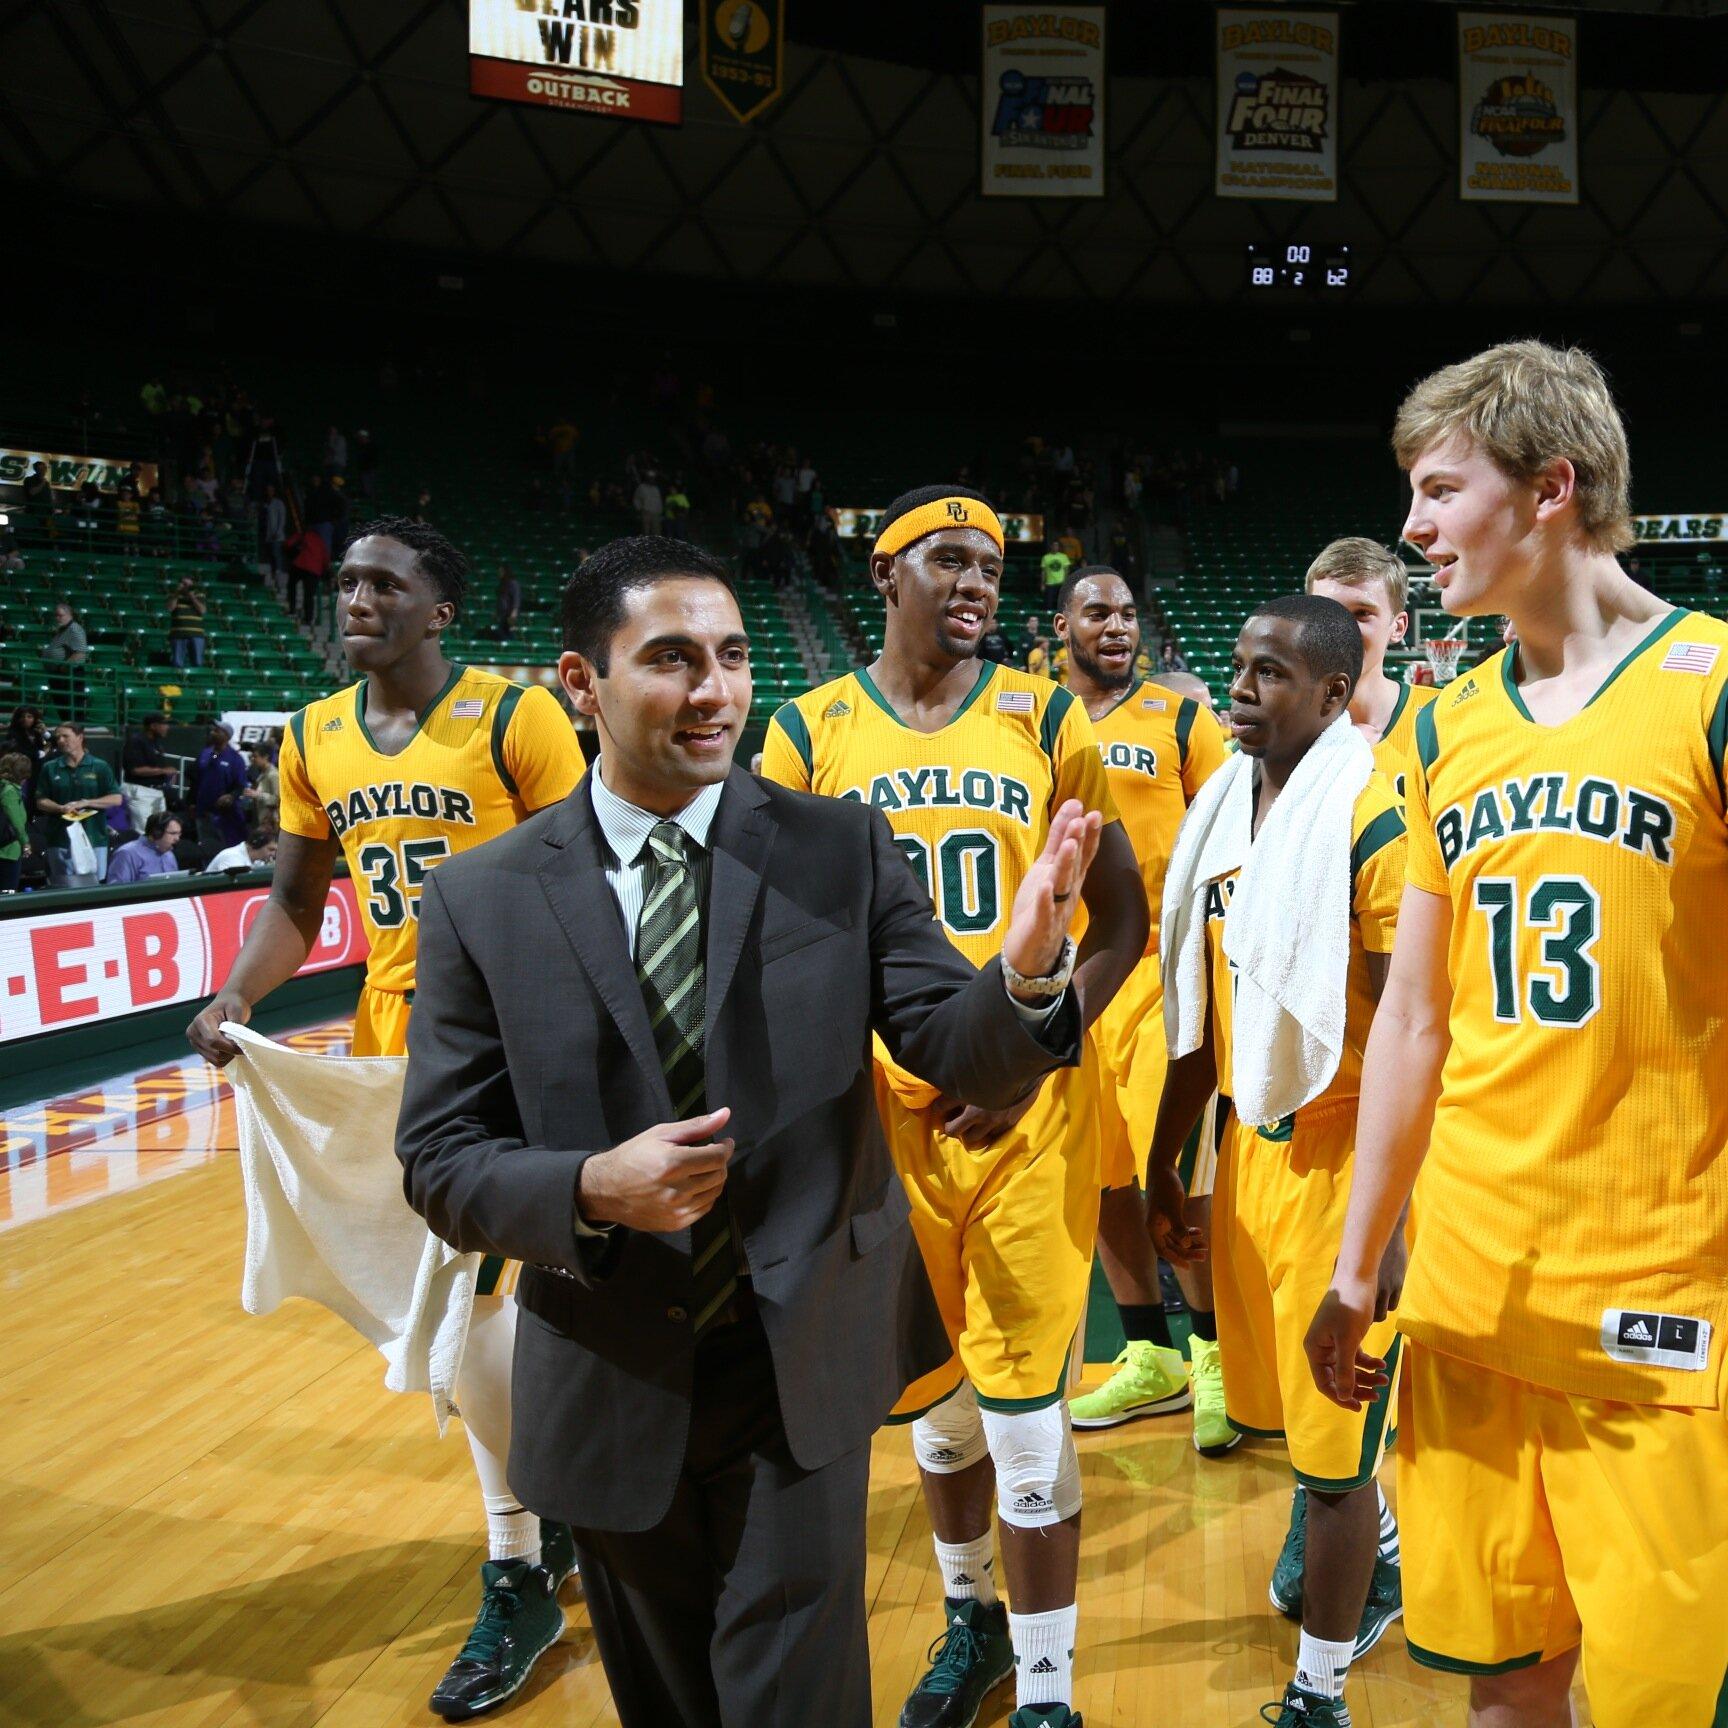 Christ Follower, Husband, Baylor Men's Basketball Assoc Dir Recruiting/Ops, fmr TX high school bball coach #outworkeveryone